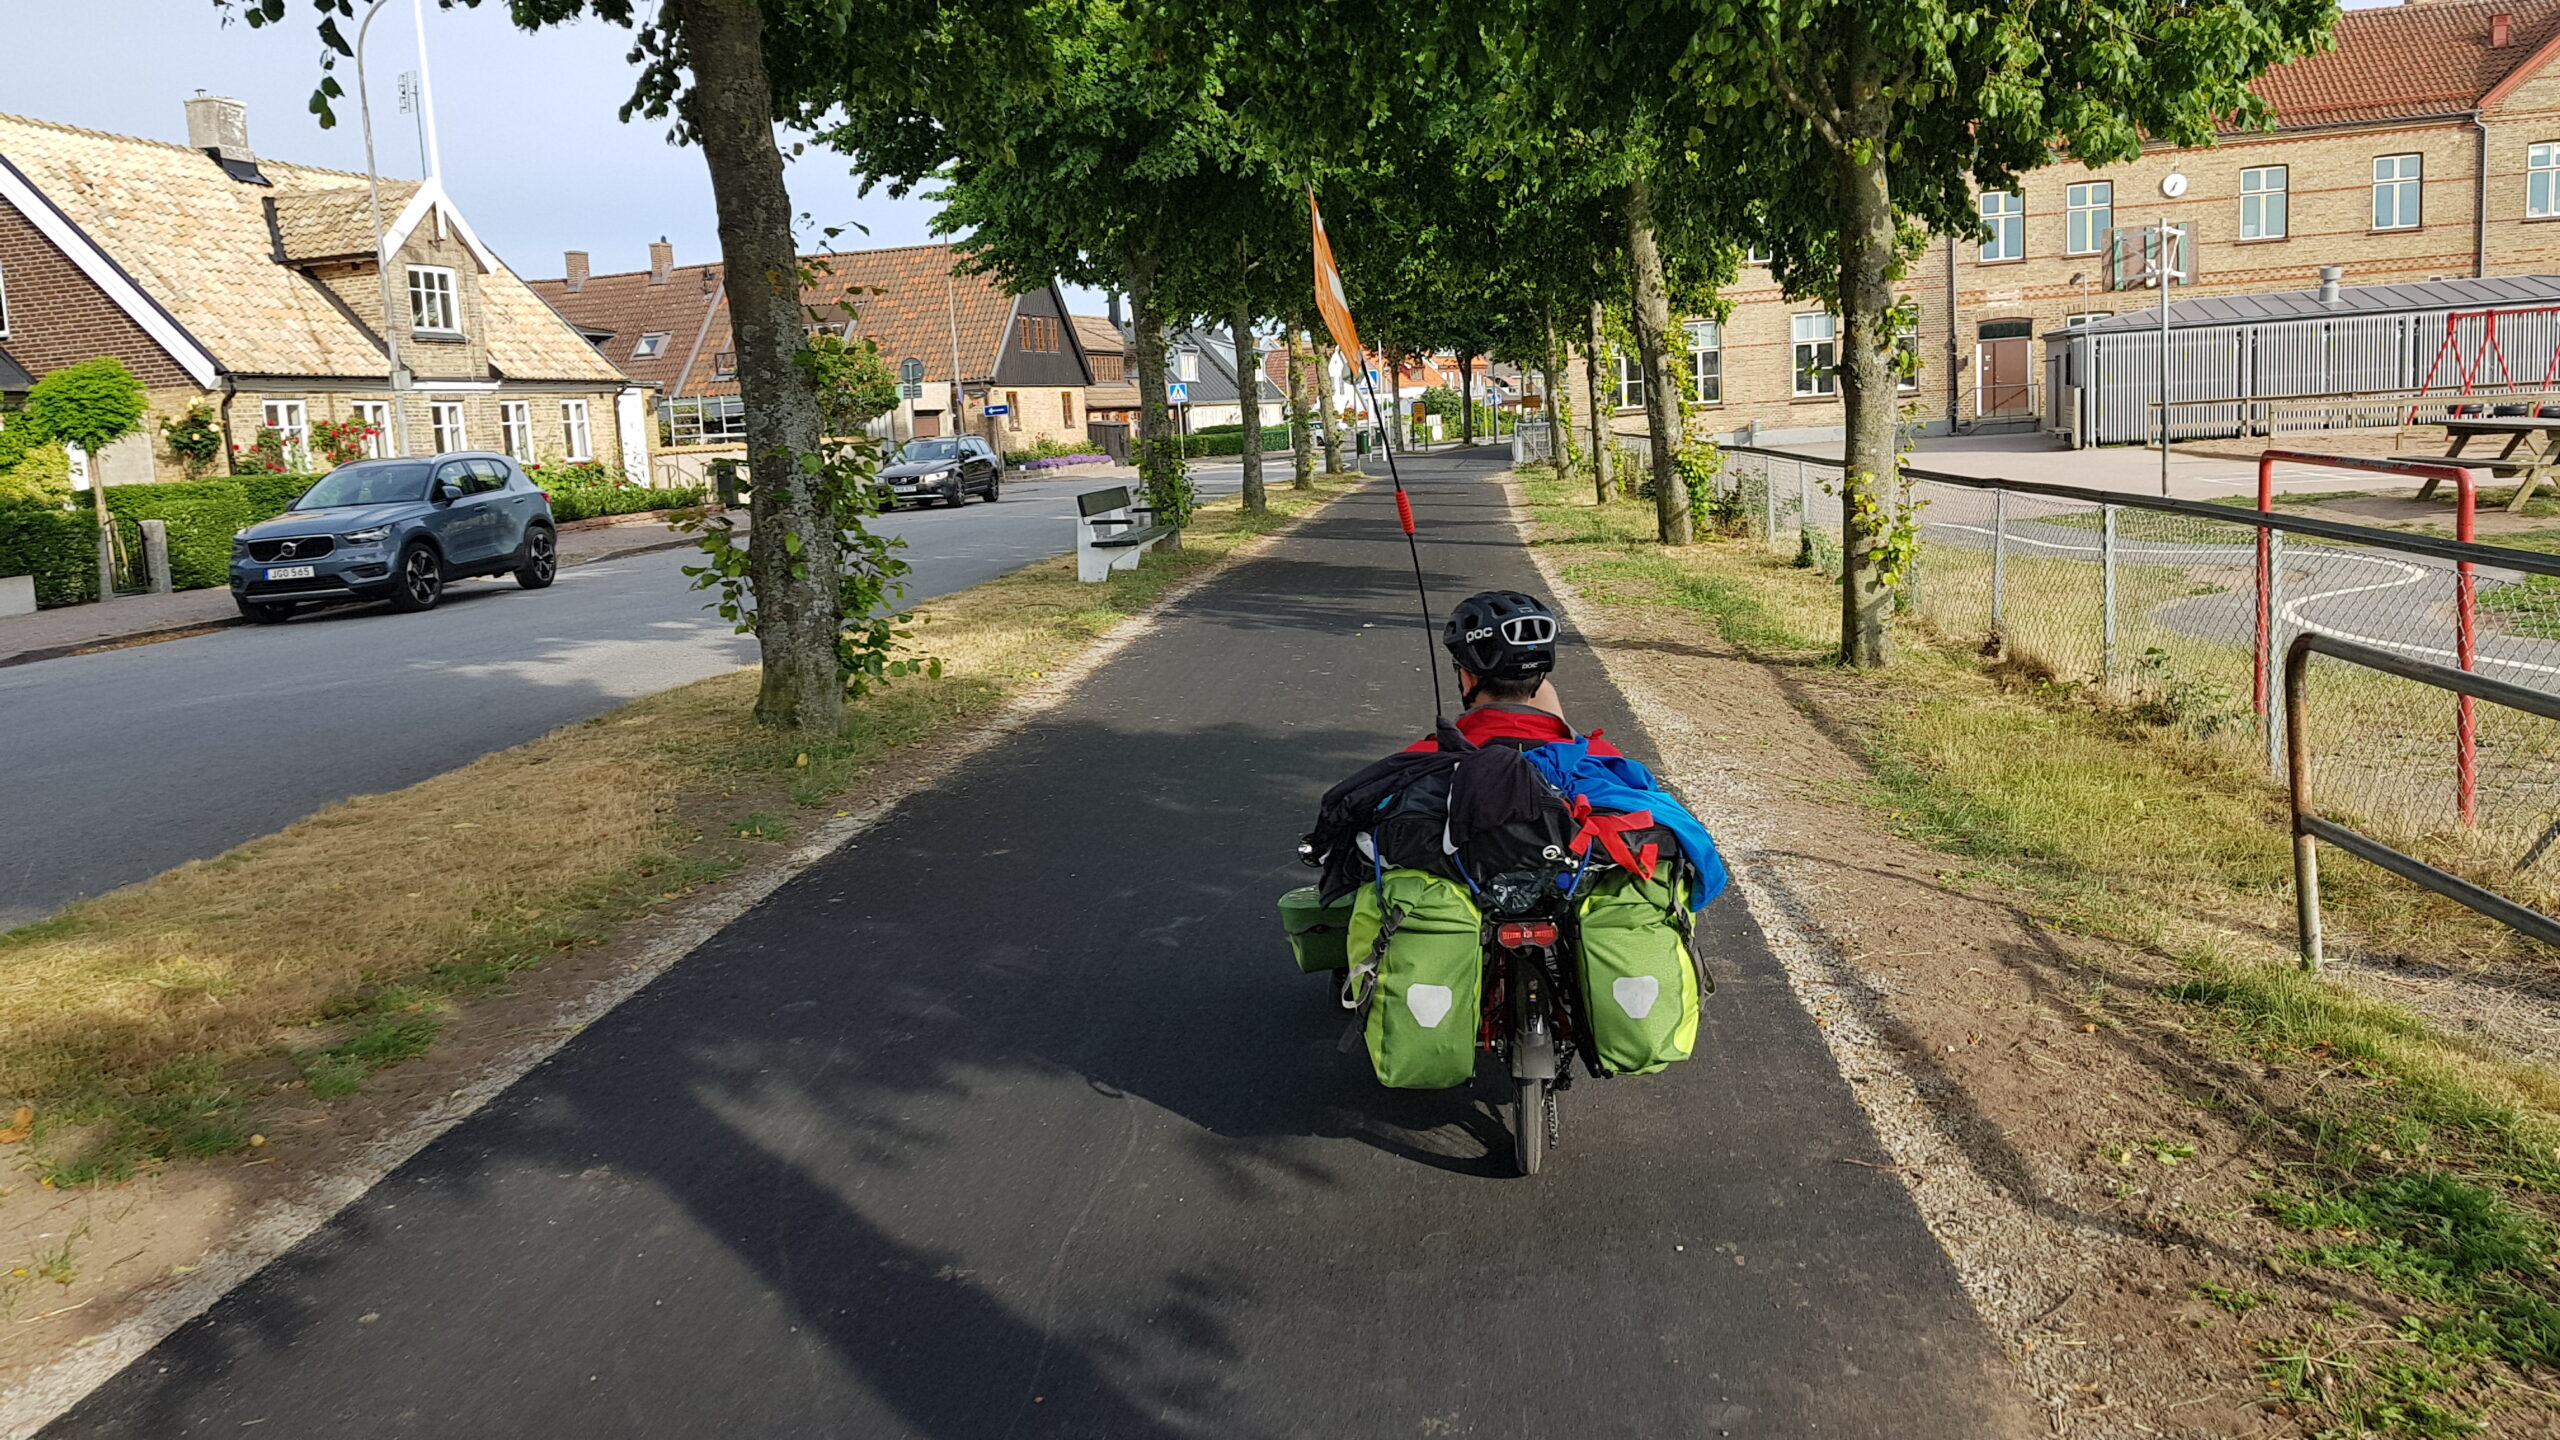 Szwecja na rowerze, rowerem przez Skandynawię, Wyprawa rowerowa Niemcy-Dania-Szwecja na trajce!